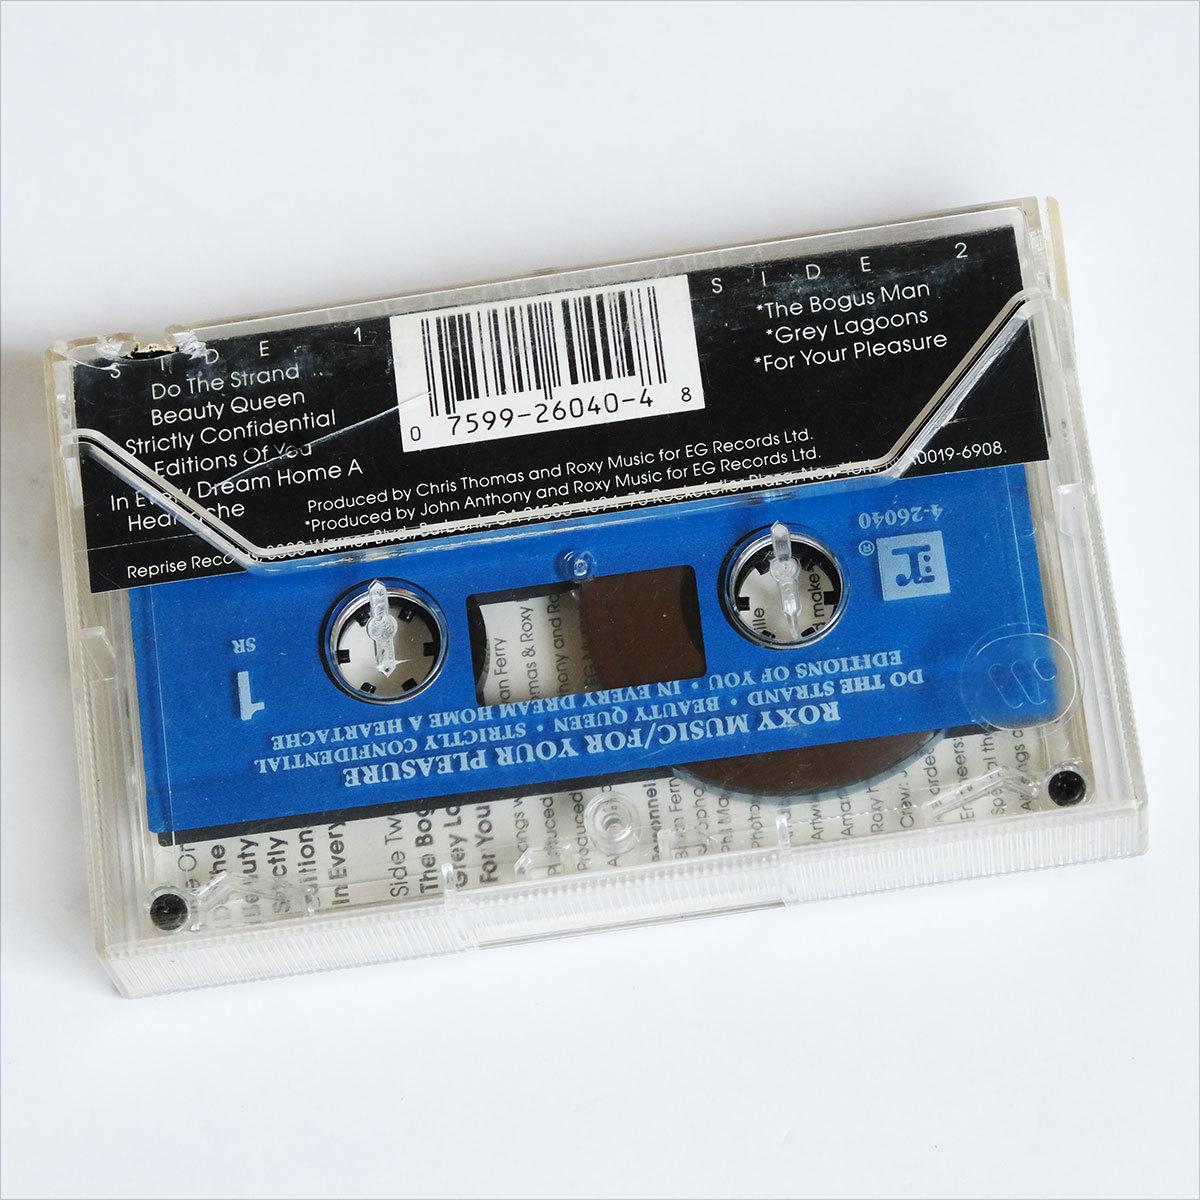 《US版カセットテープ》Roxy Music●For Your Pleasure●ロキシー ミュージック●フォー ユア プレジャー_画像2